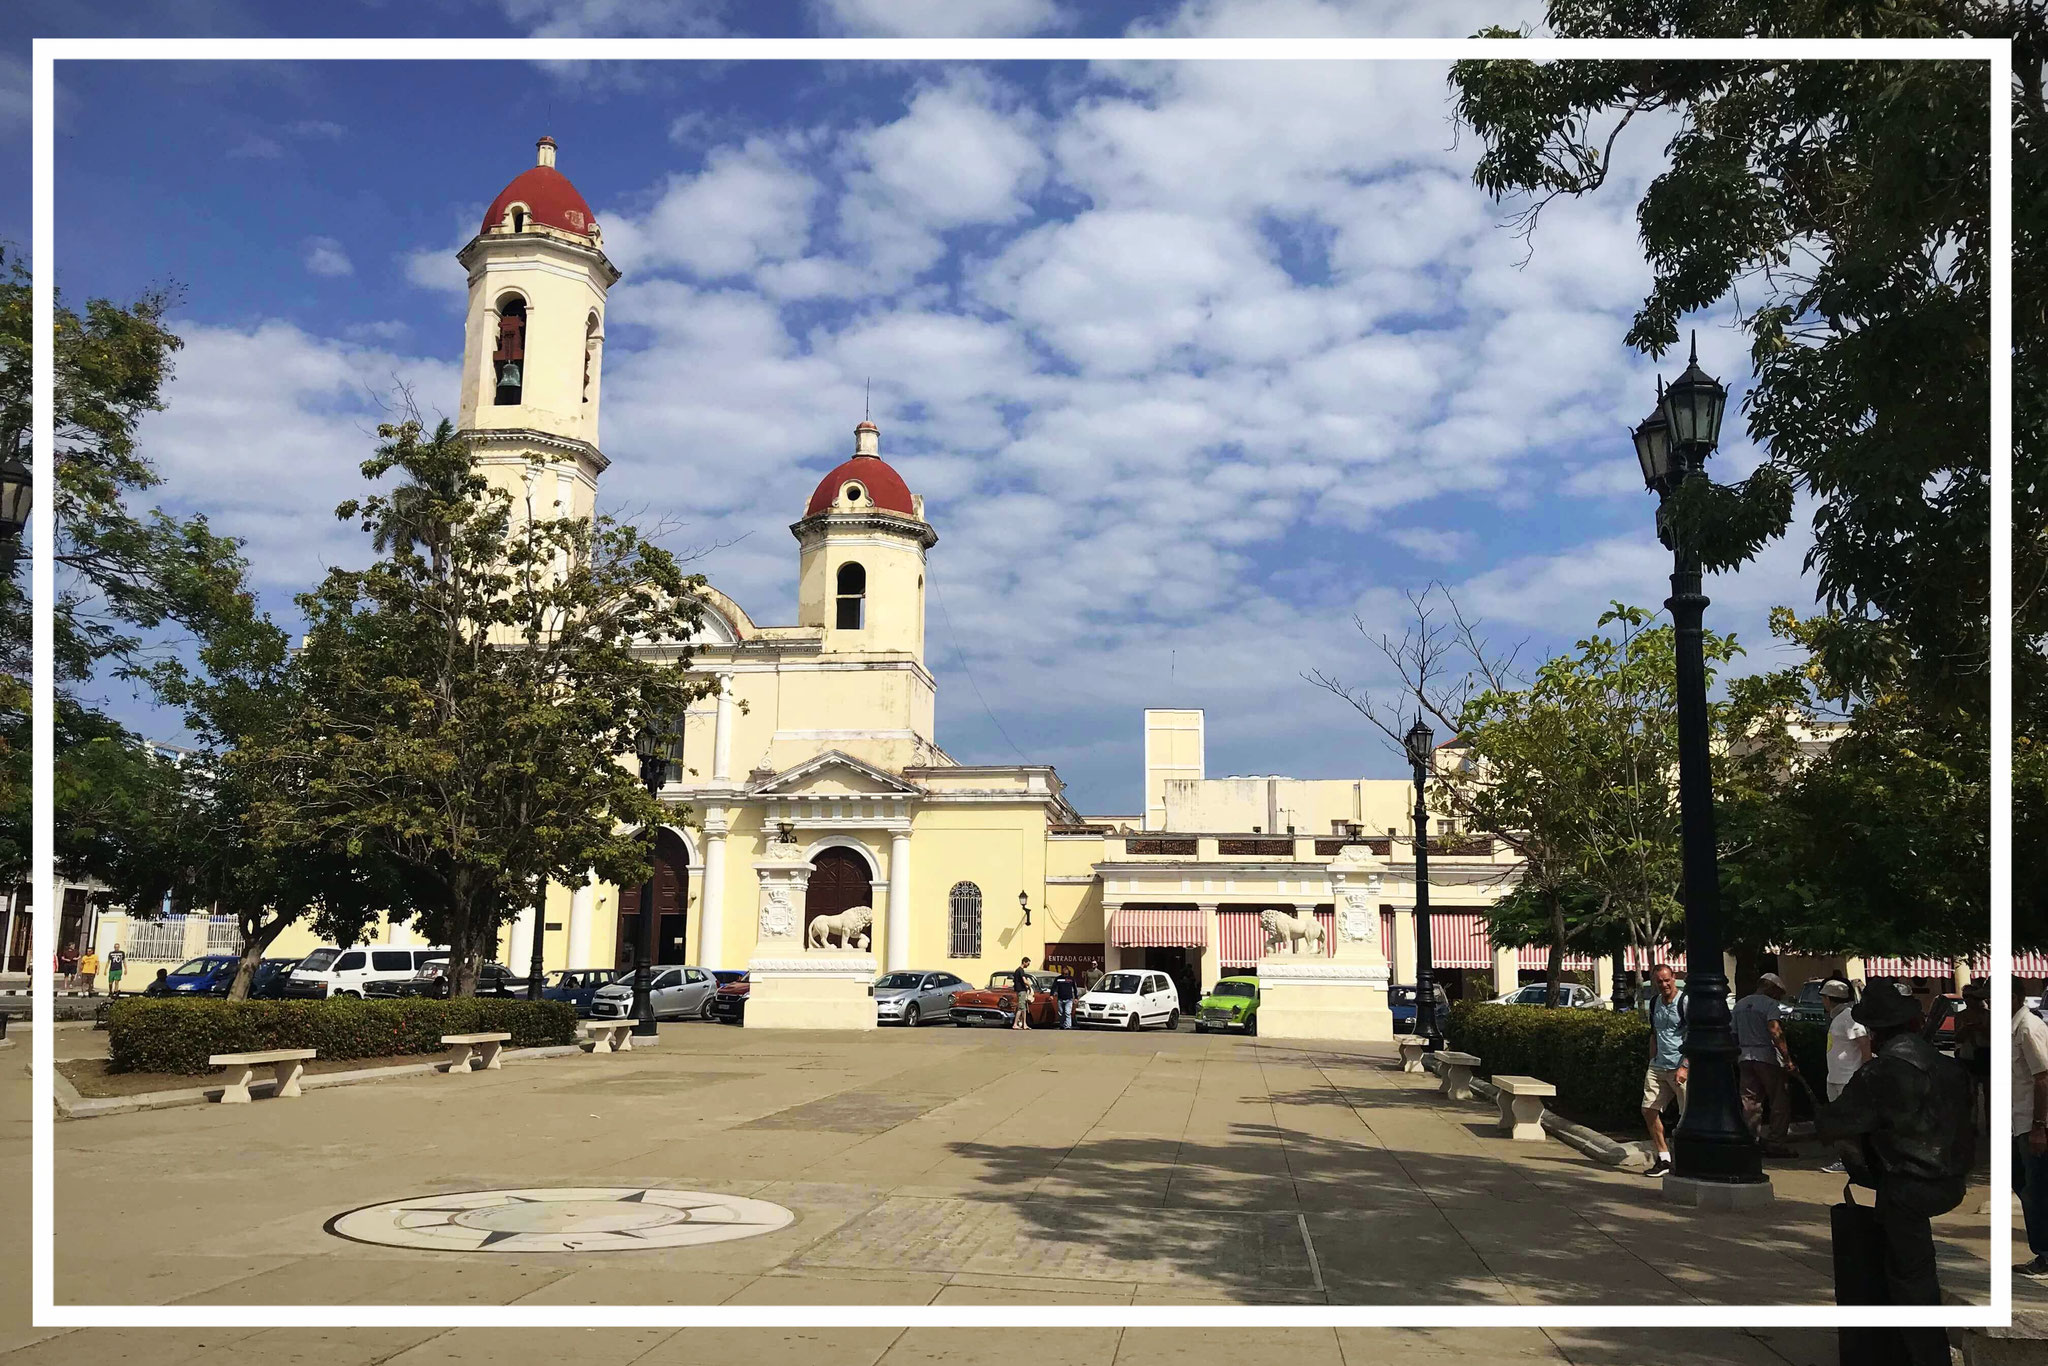 Parque Marti with Catedral de Nuestra Señora de la Purísima Concepción